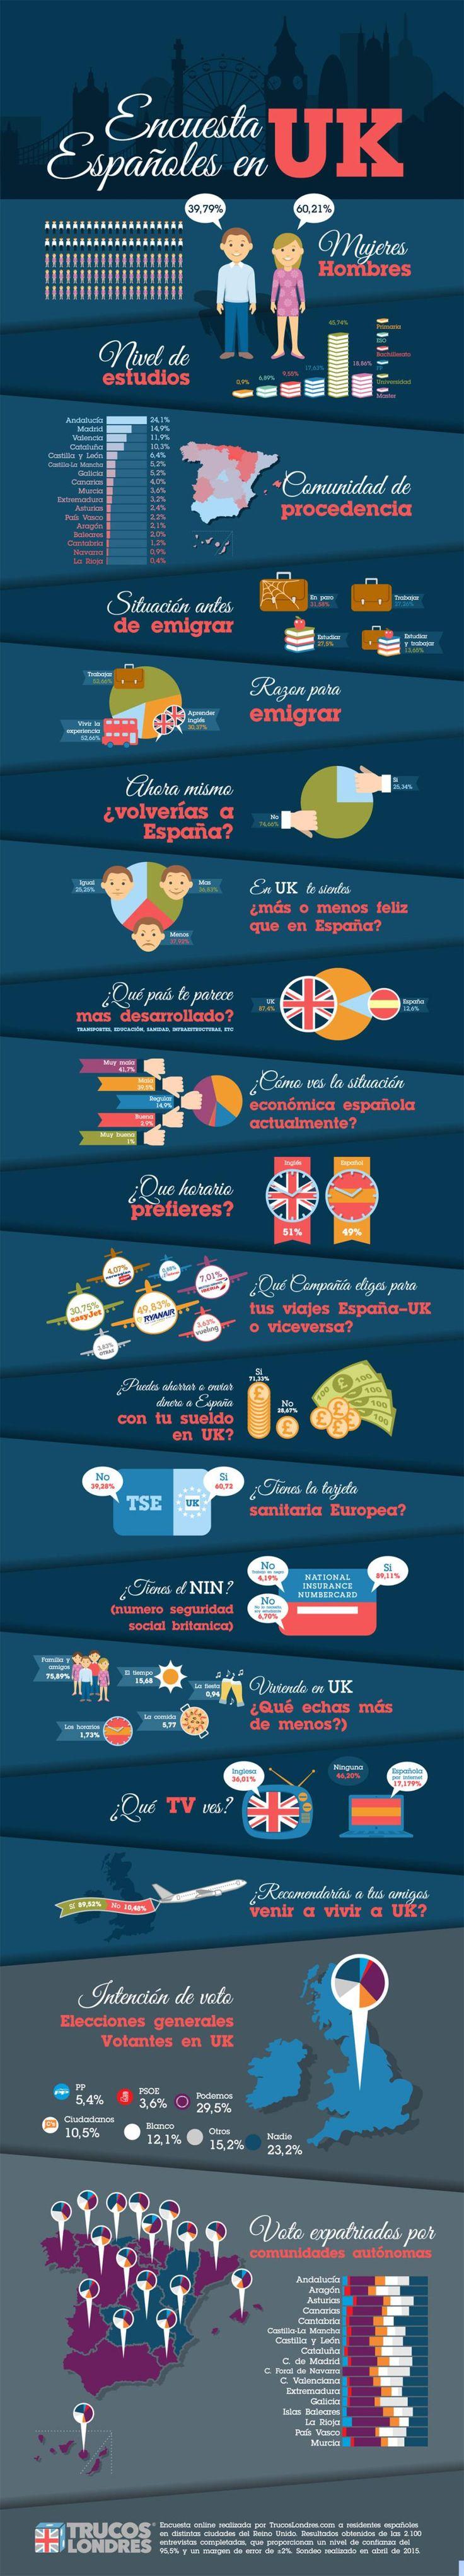 Infografía sobre Españoles en el Reino Unido. #empleo